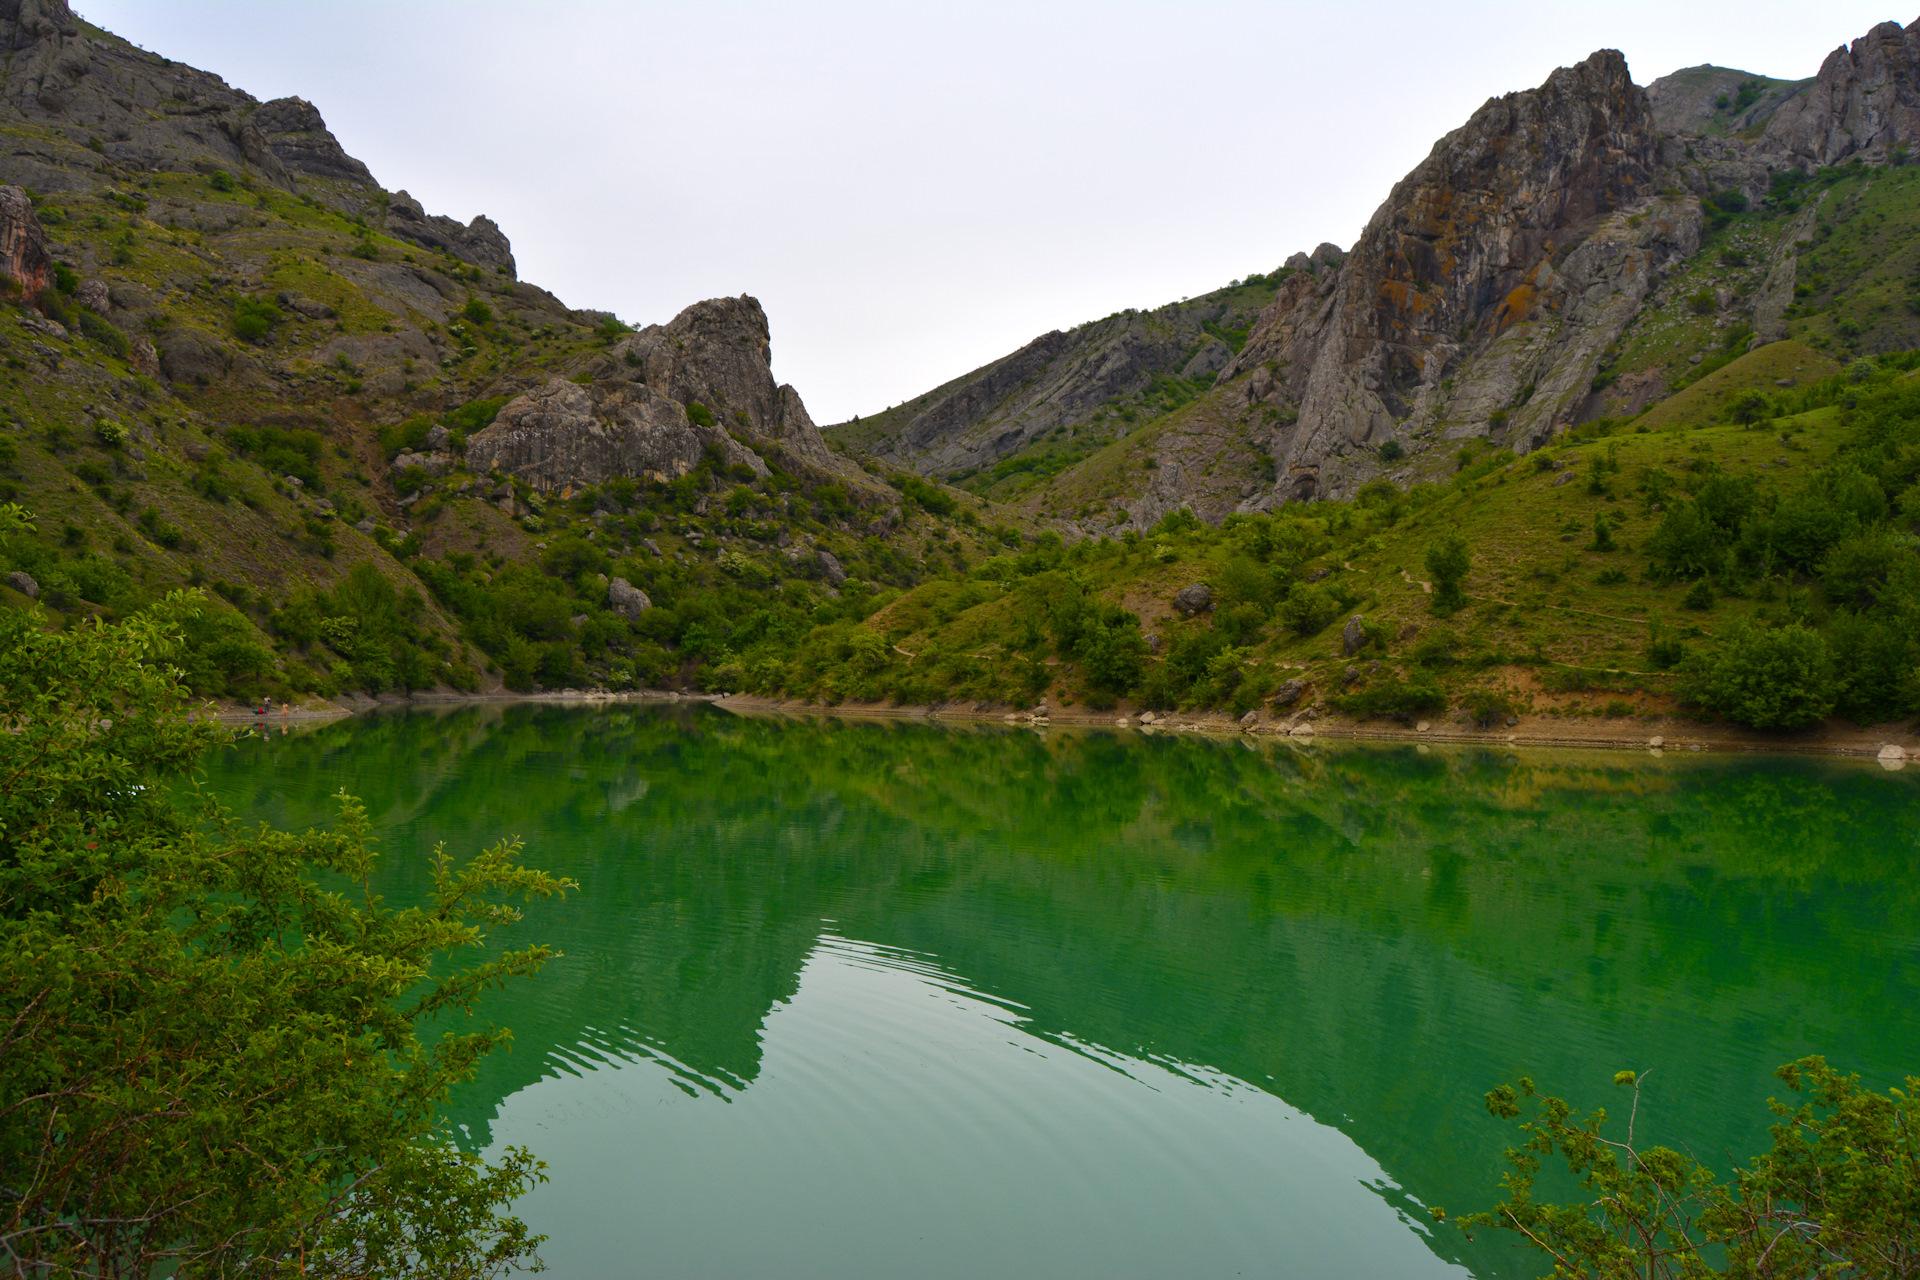 зеленогорье крым фото использовании створки